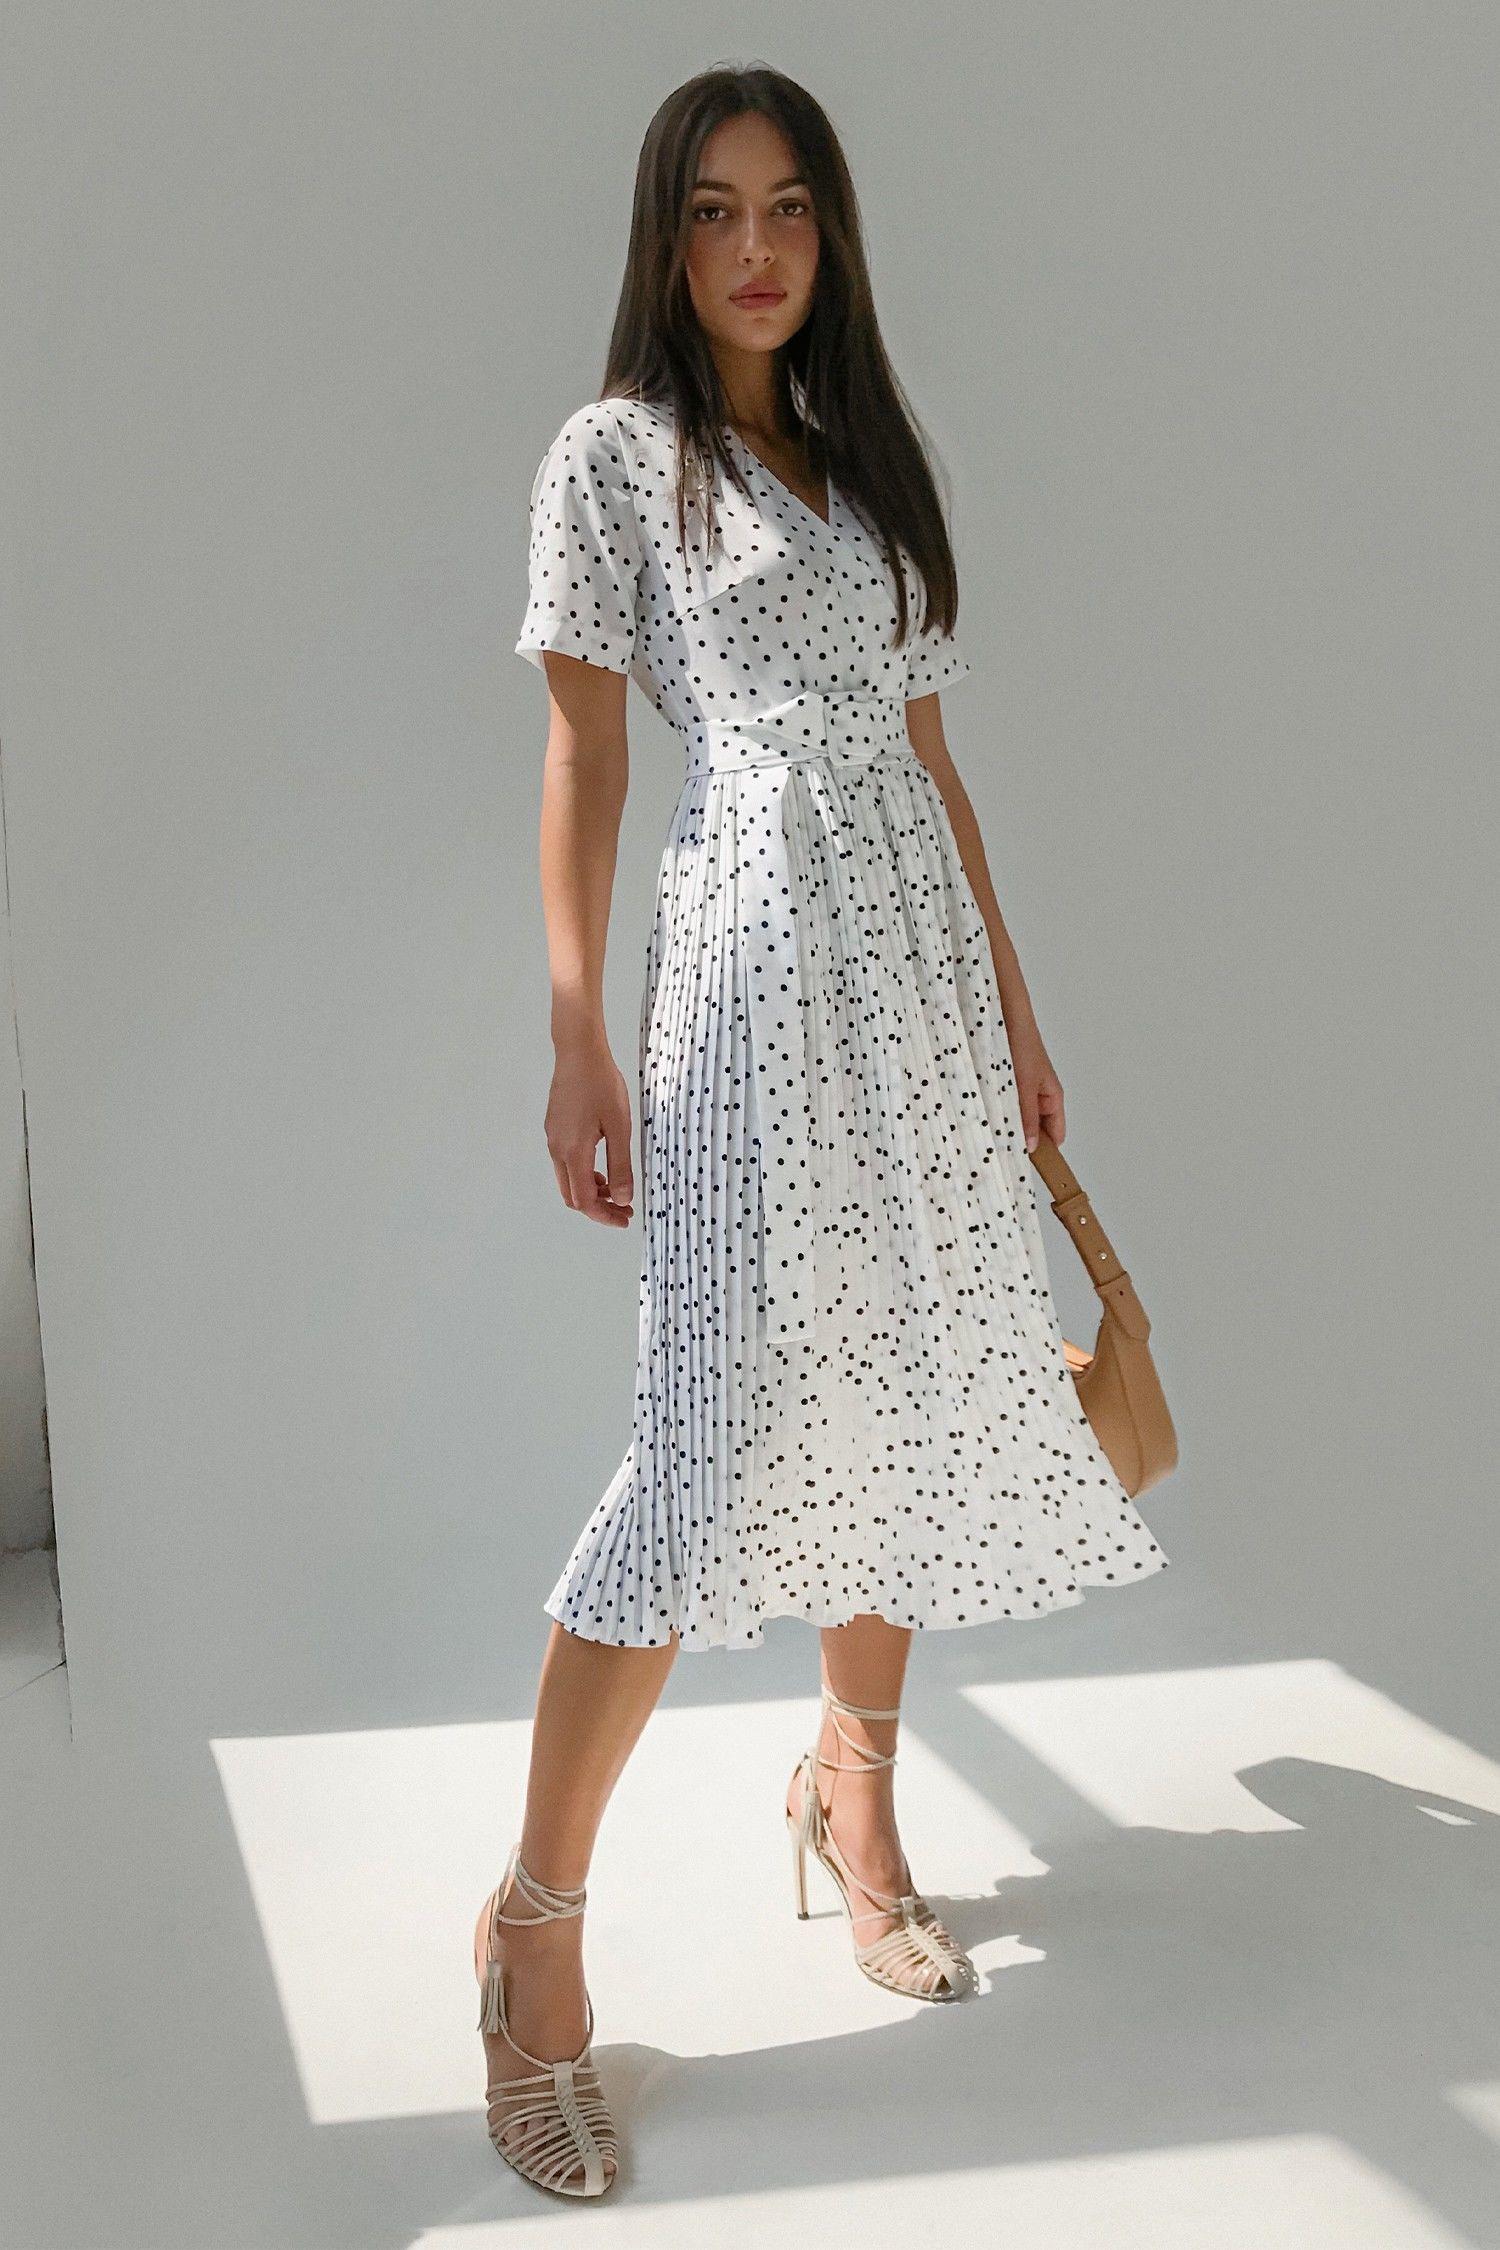 Платье с юбкой плиссе в горох белое - THE LACE